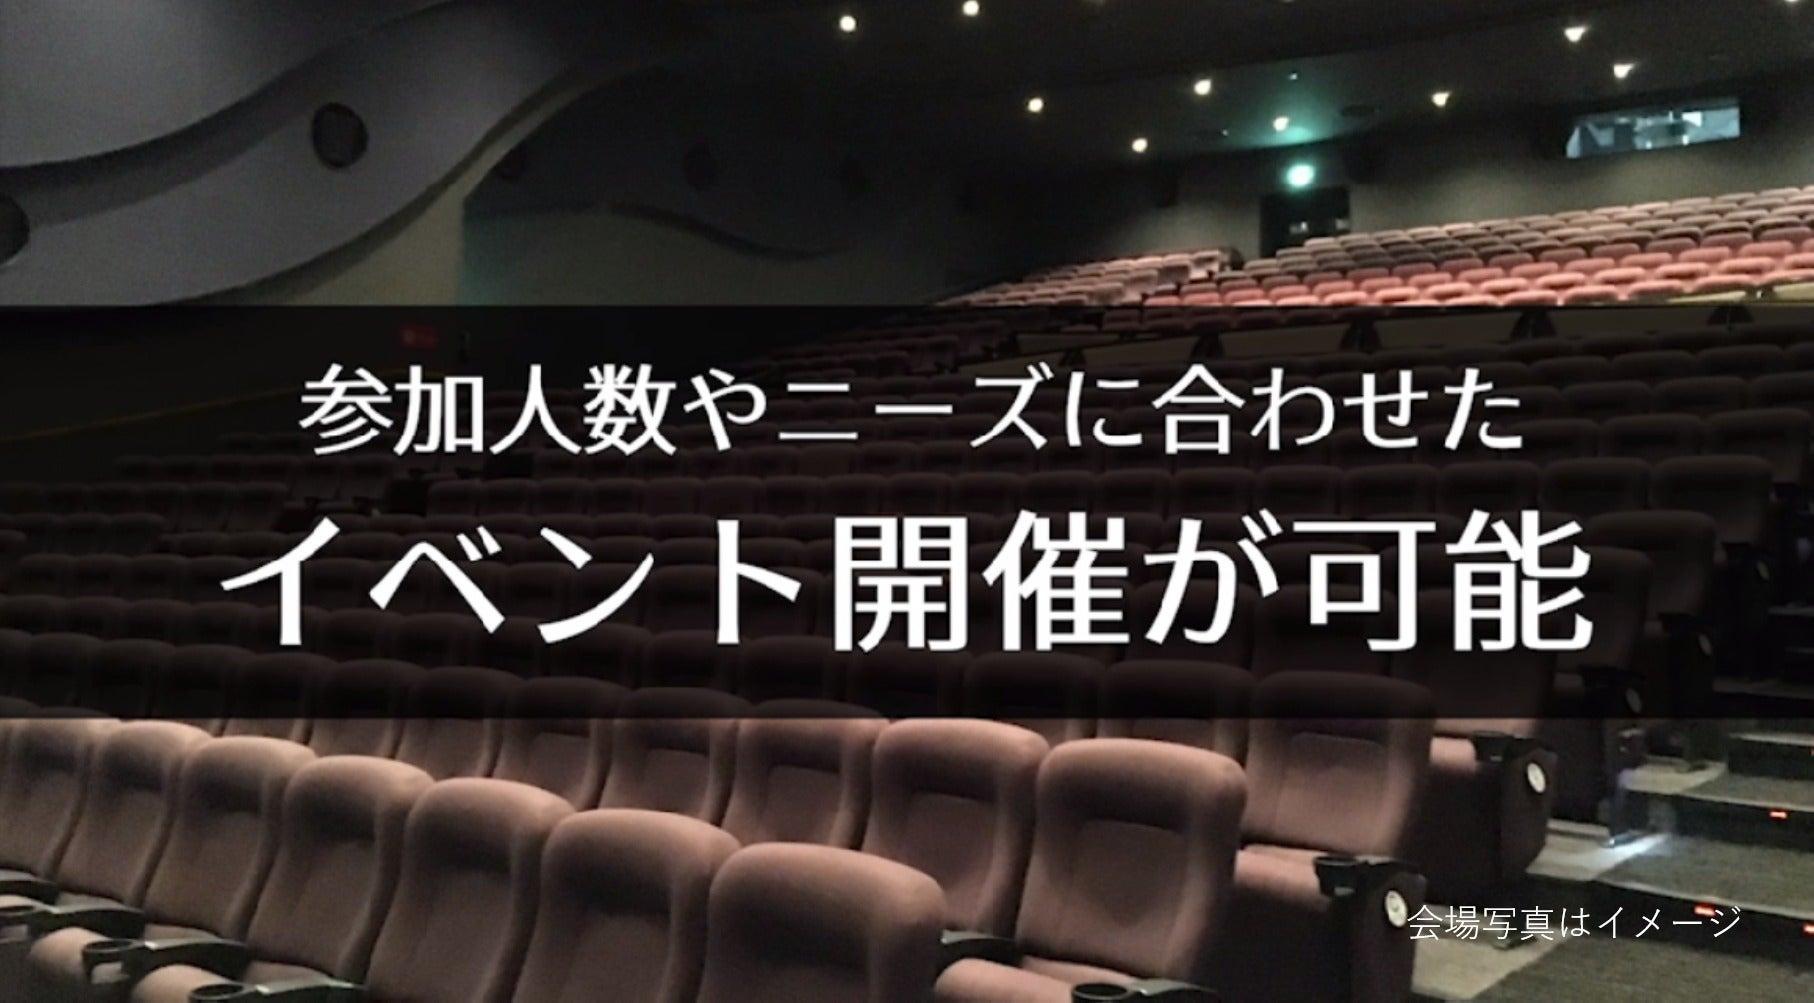 【新潟 253席】映画館で、会社説明会、株主総会、講演会の企画はいかがですか? の写真